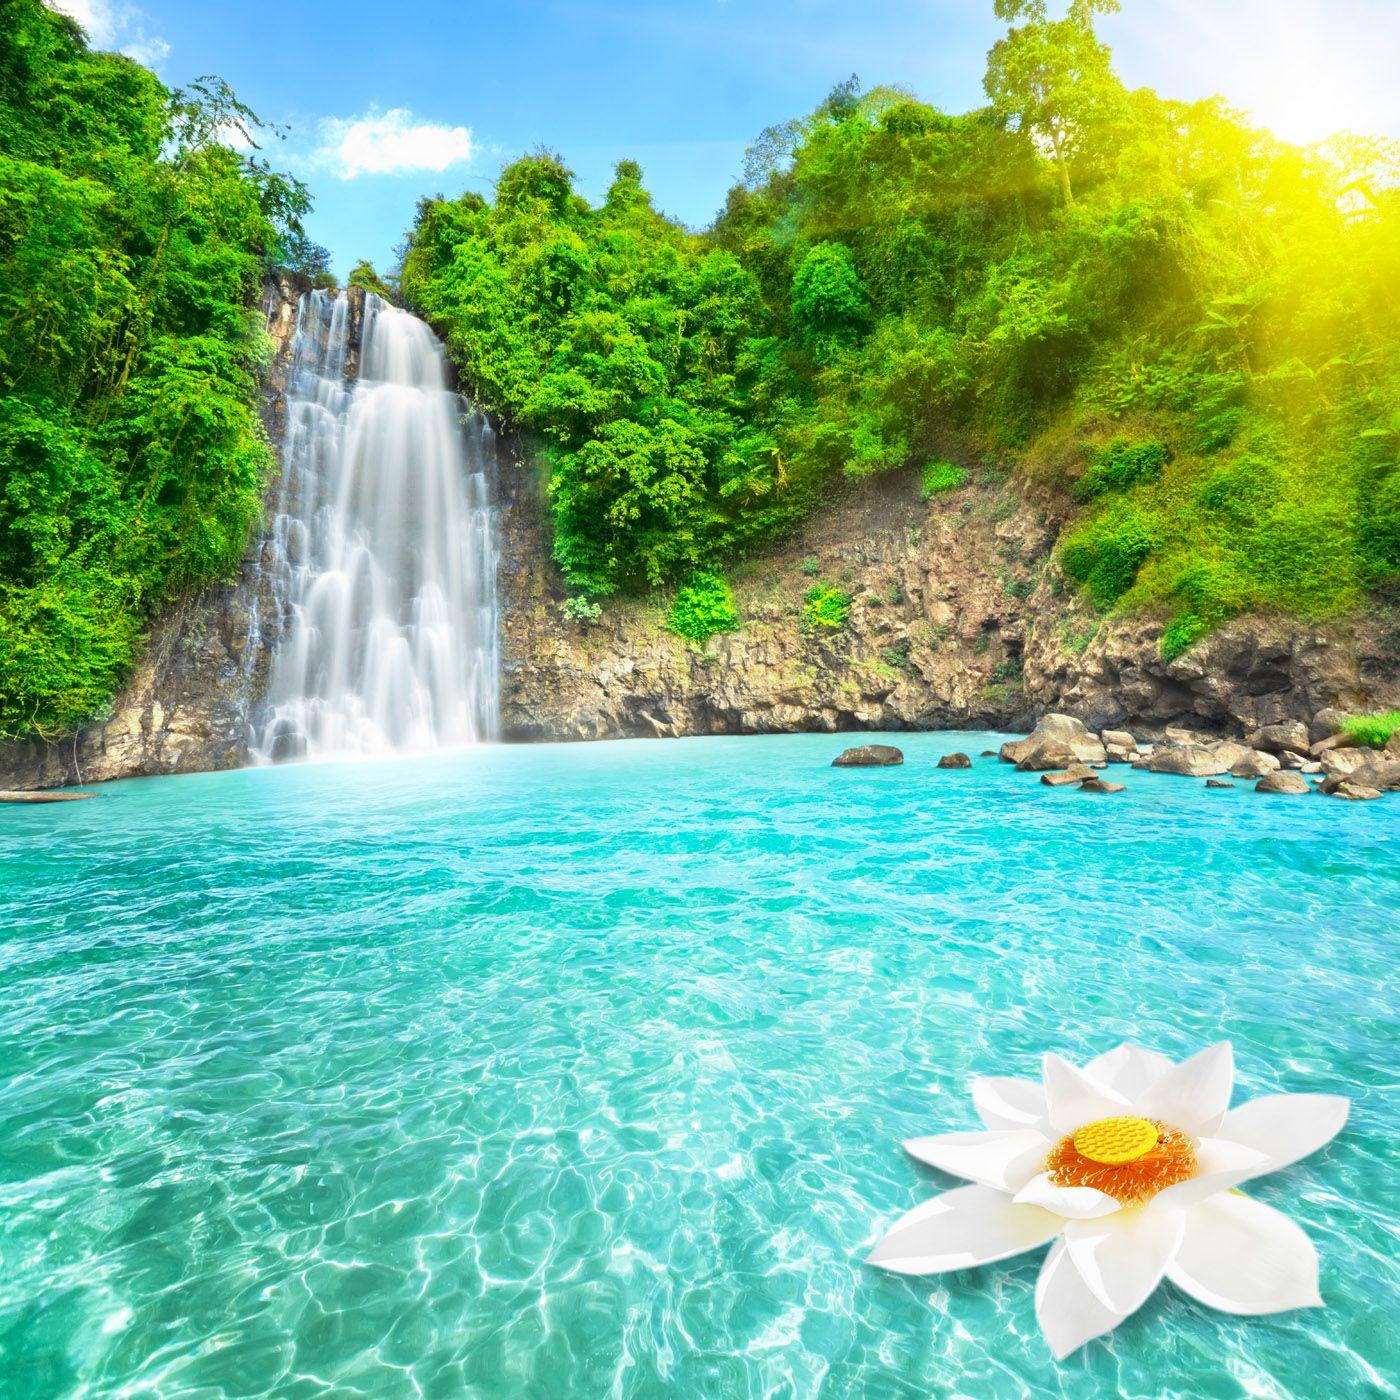 Waterfall 6818 Waterfalls Streams Landscape Scenery Waterfall Pictures Waterfall Landscape Scenery